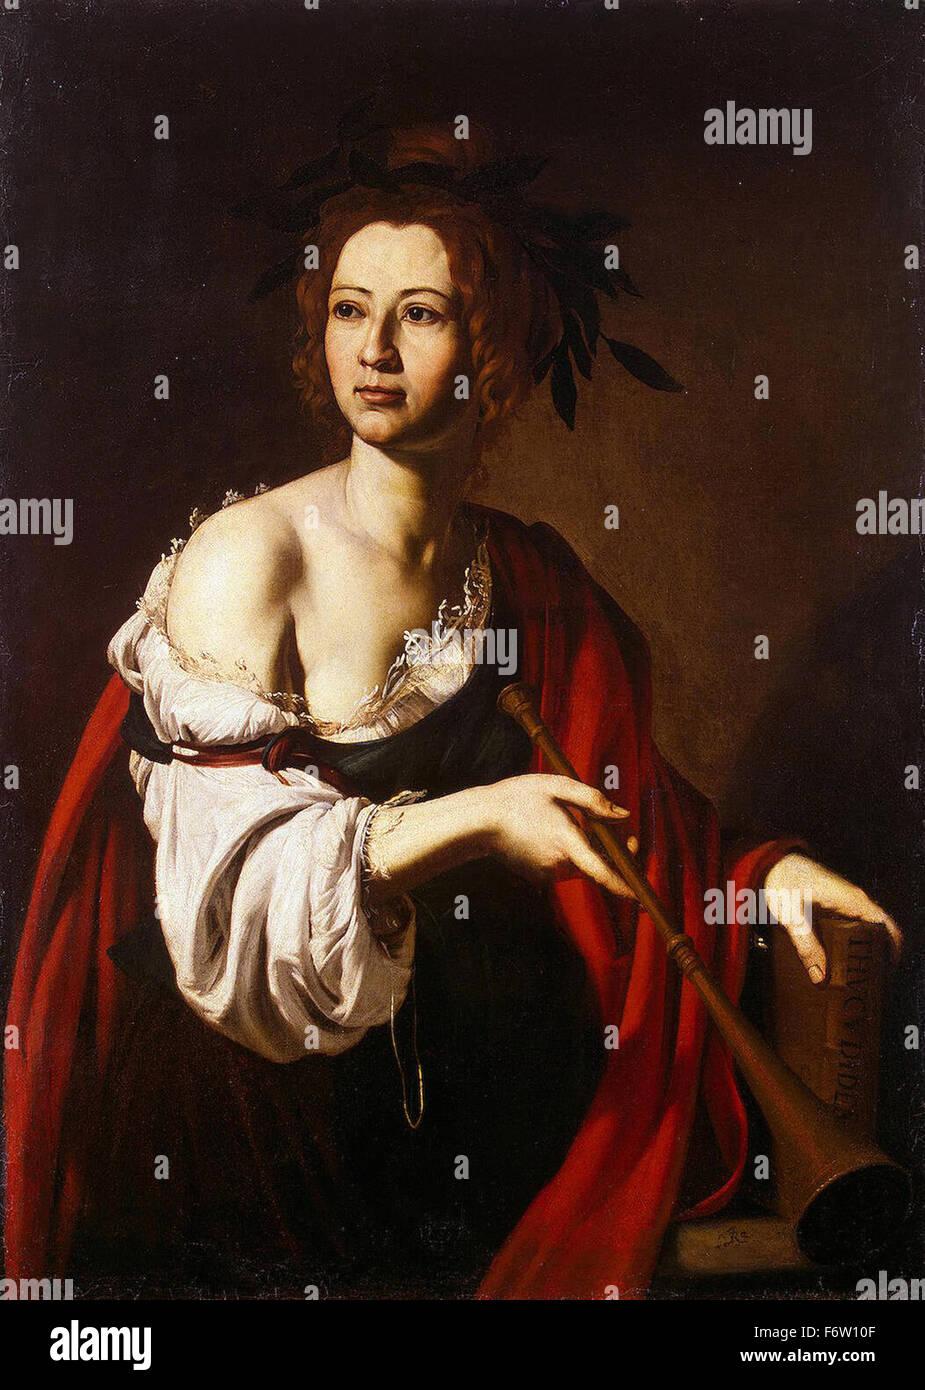 Jusepe de Ribera - Alegoría de la historia Imagen De Stock